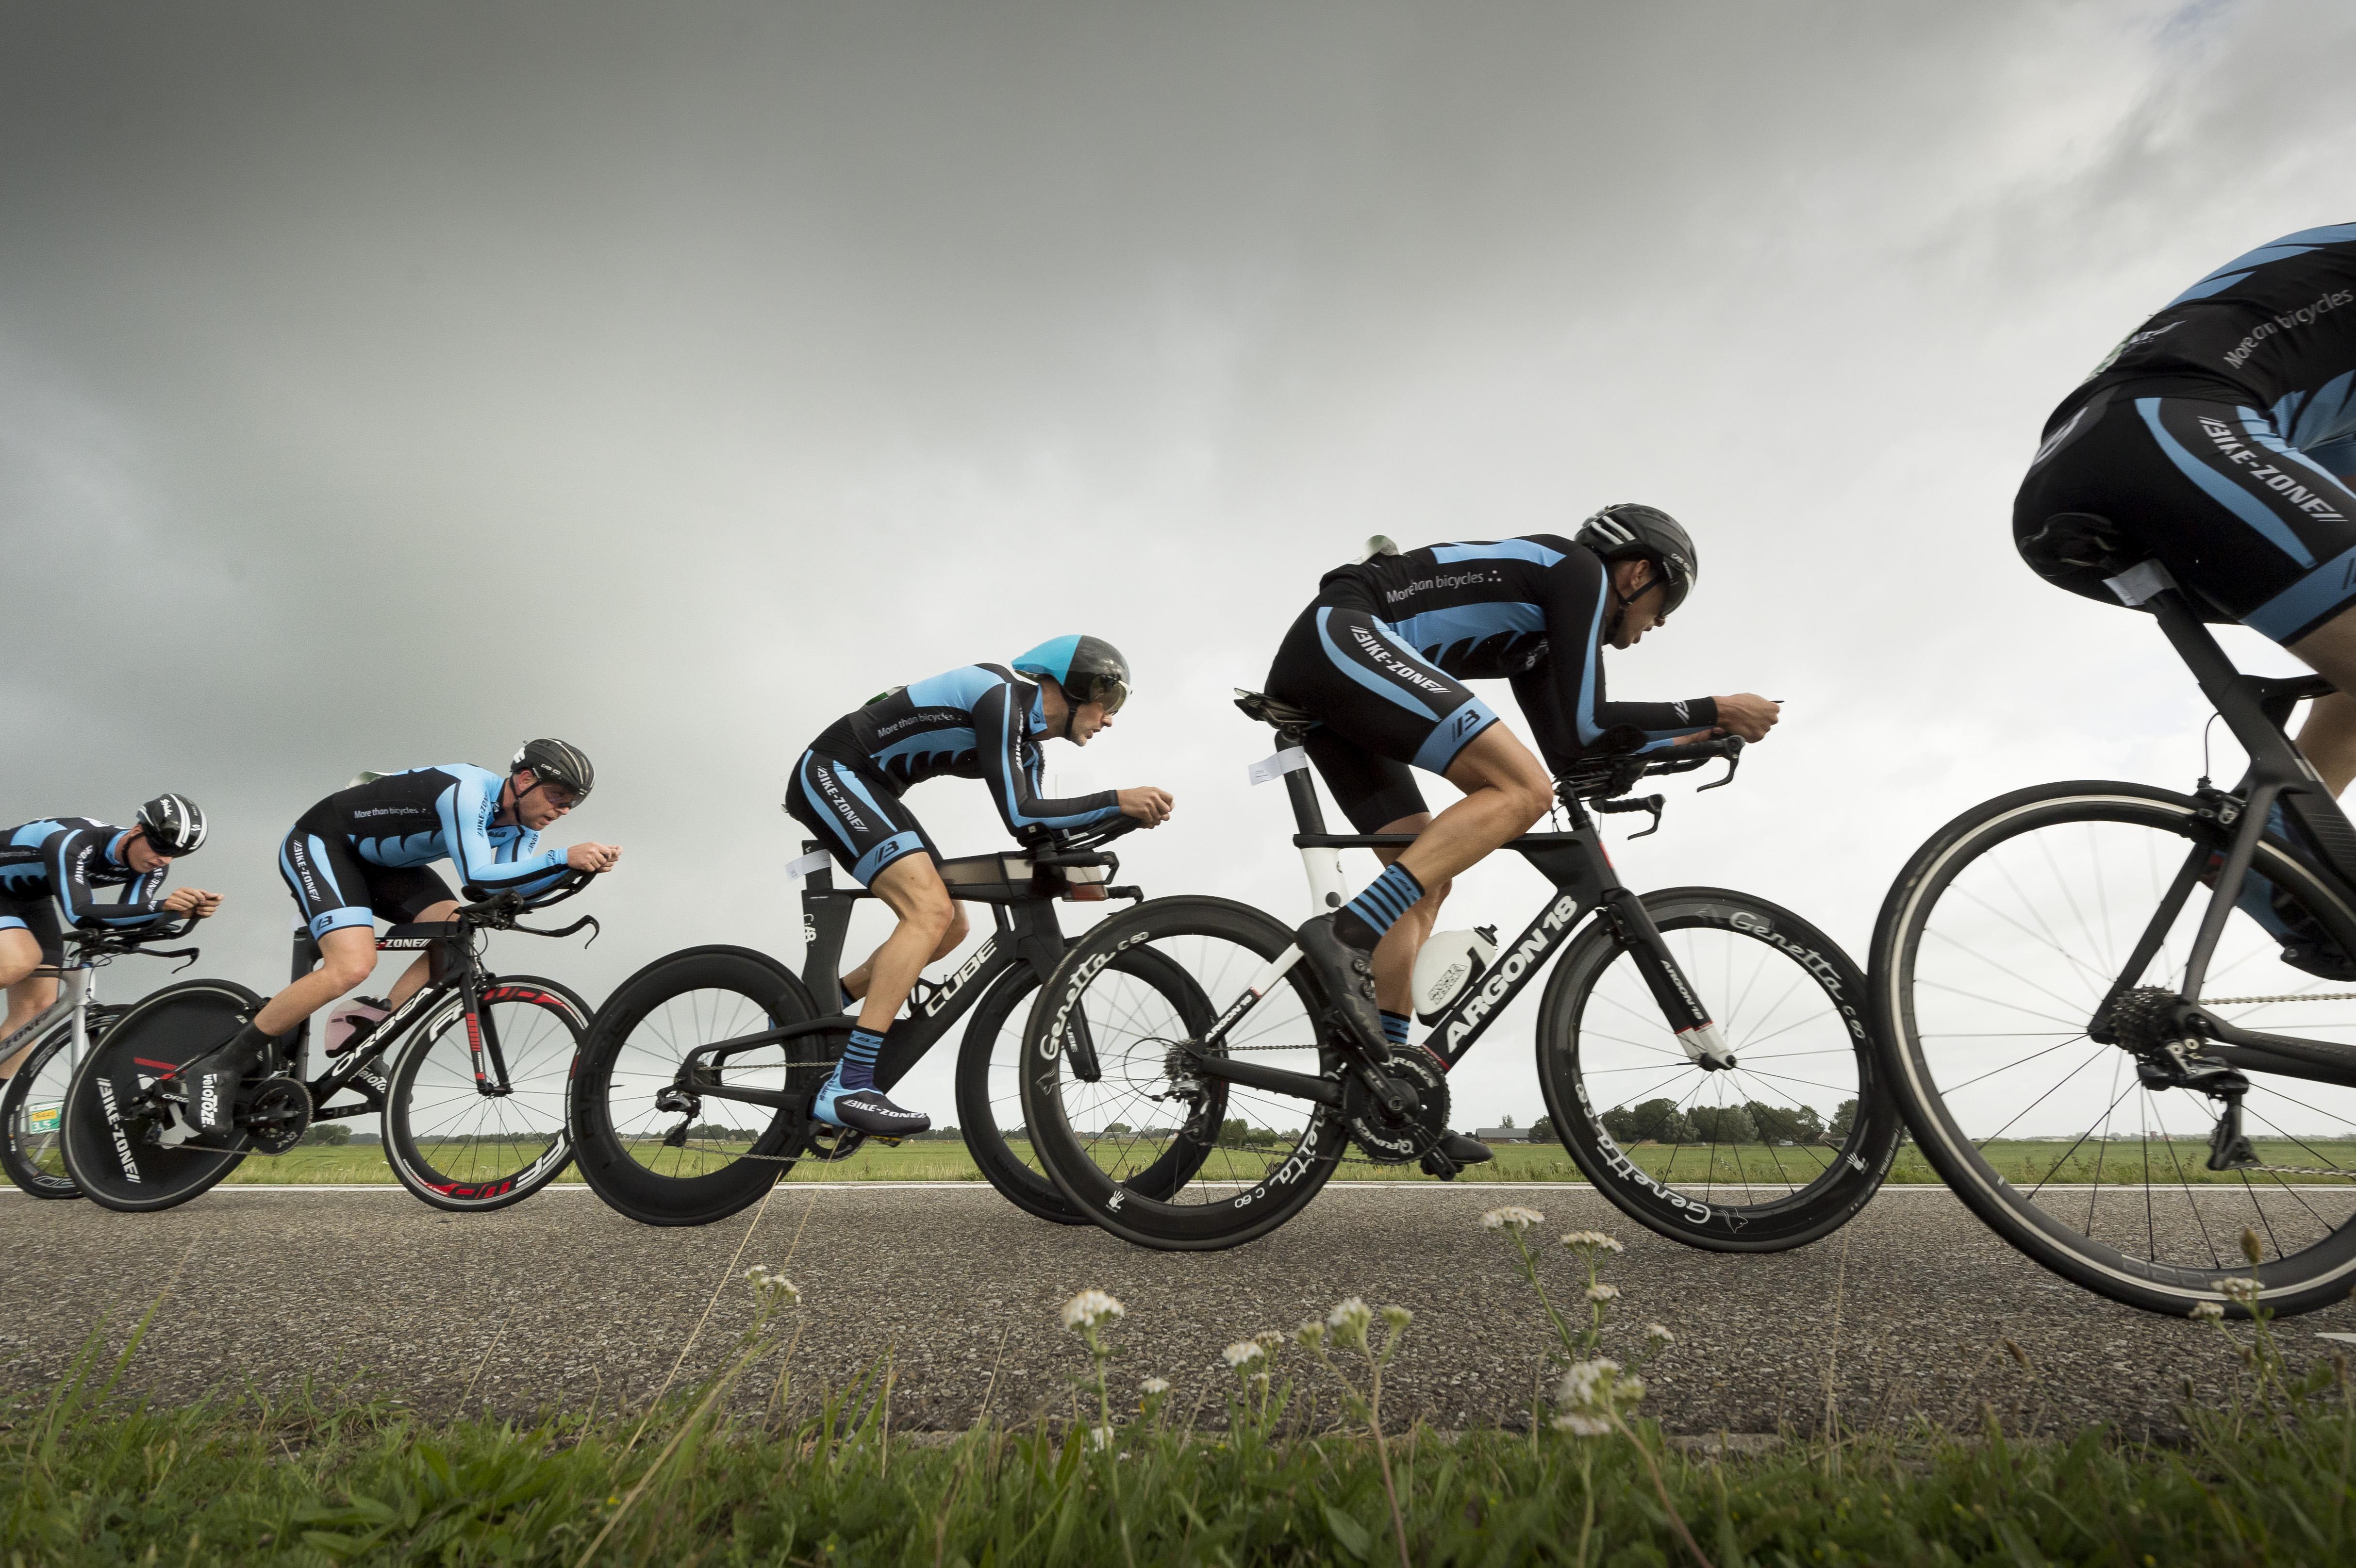 Jaarlijkse triathlon in Leiderdorp krijgt ook eredivisie